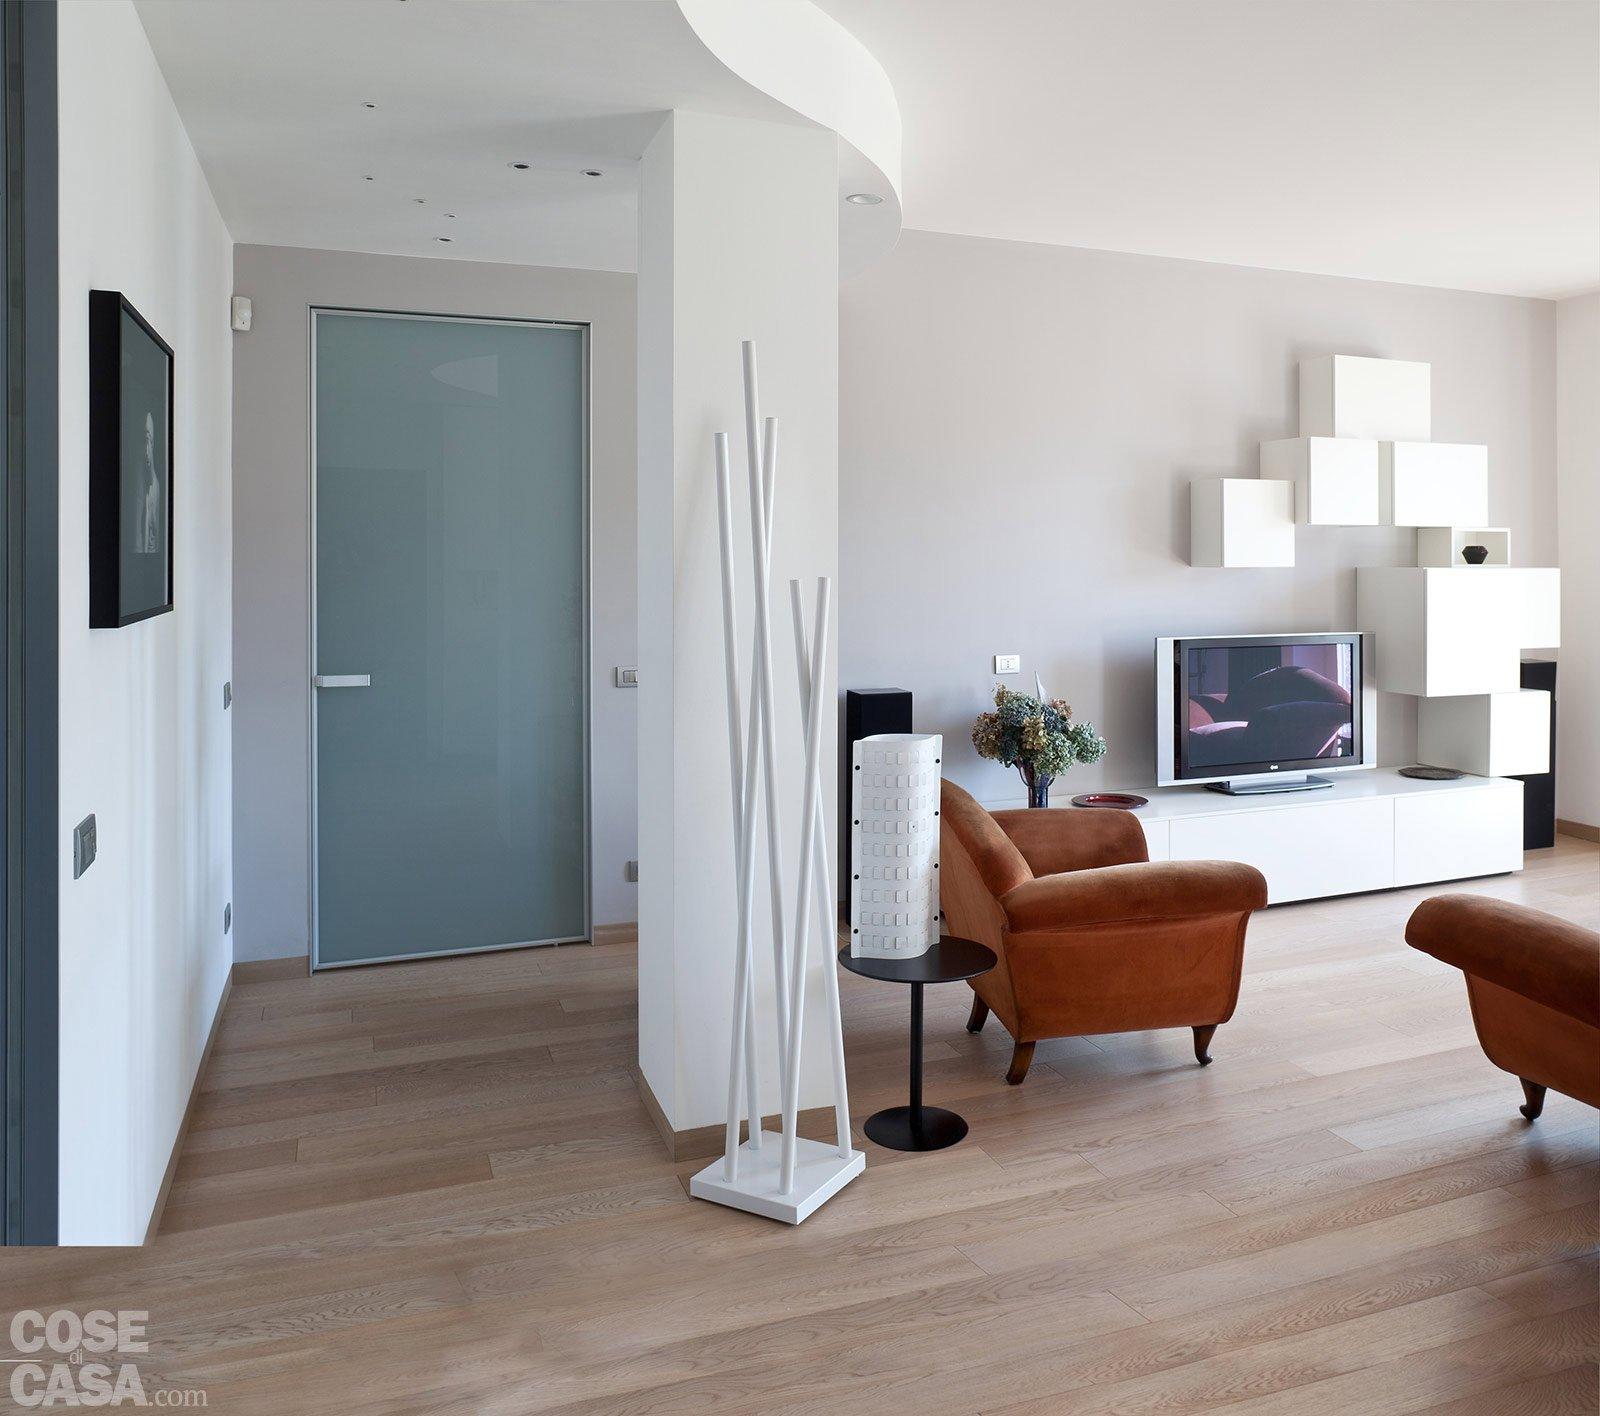 Ambienti contemporanei per una casa di taglio tradizionale for Oggetti design per casa